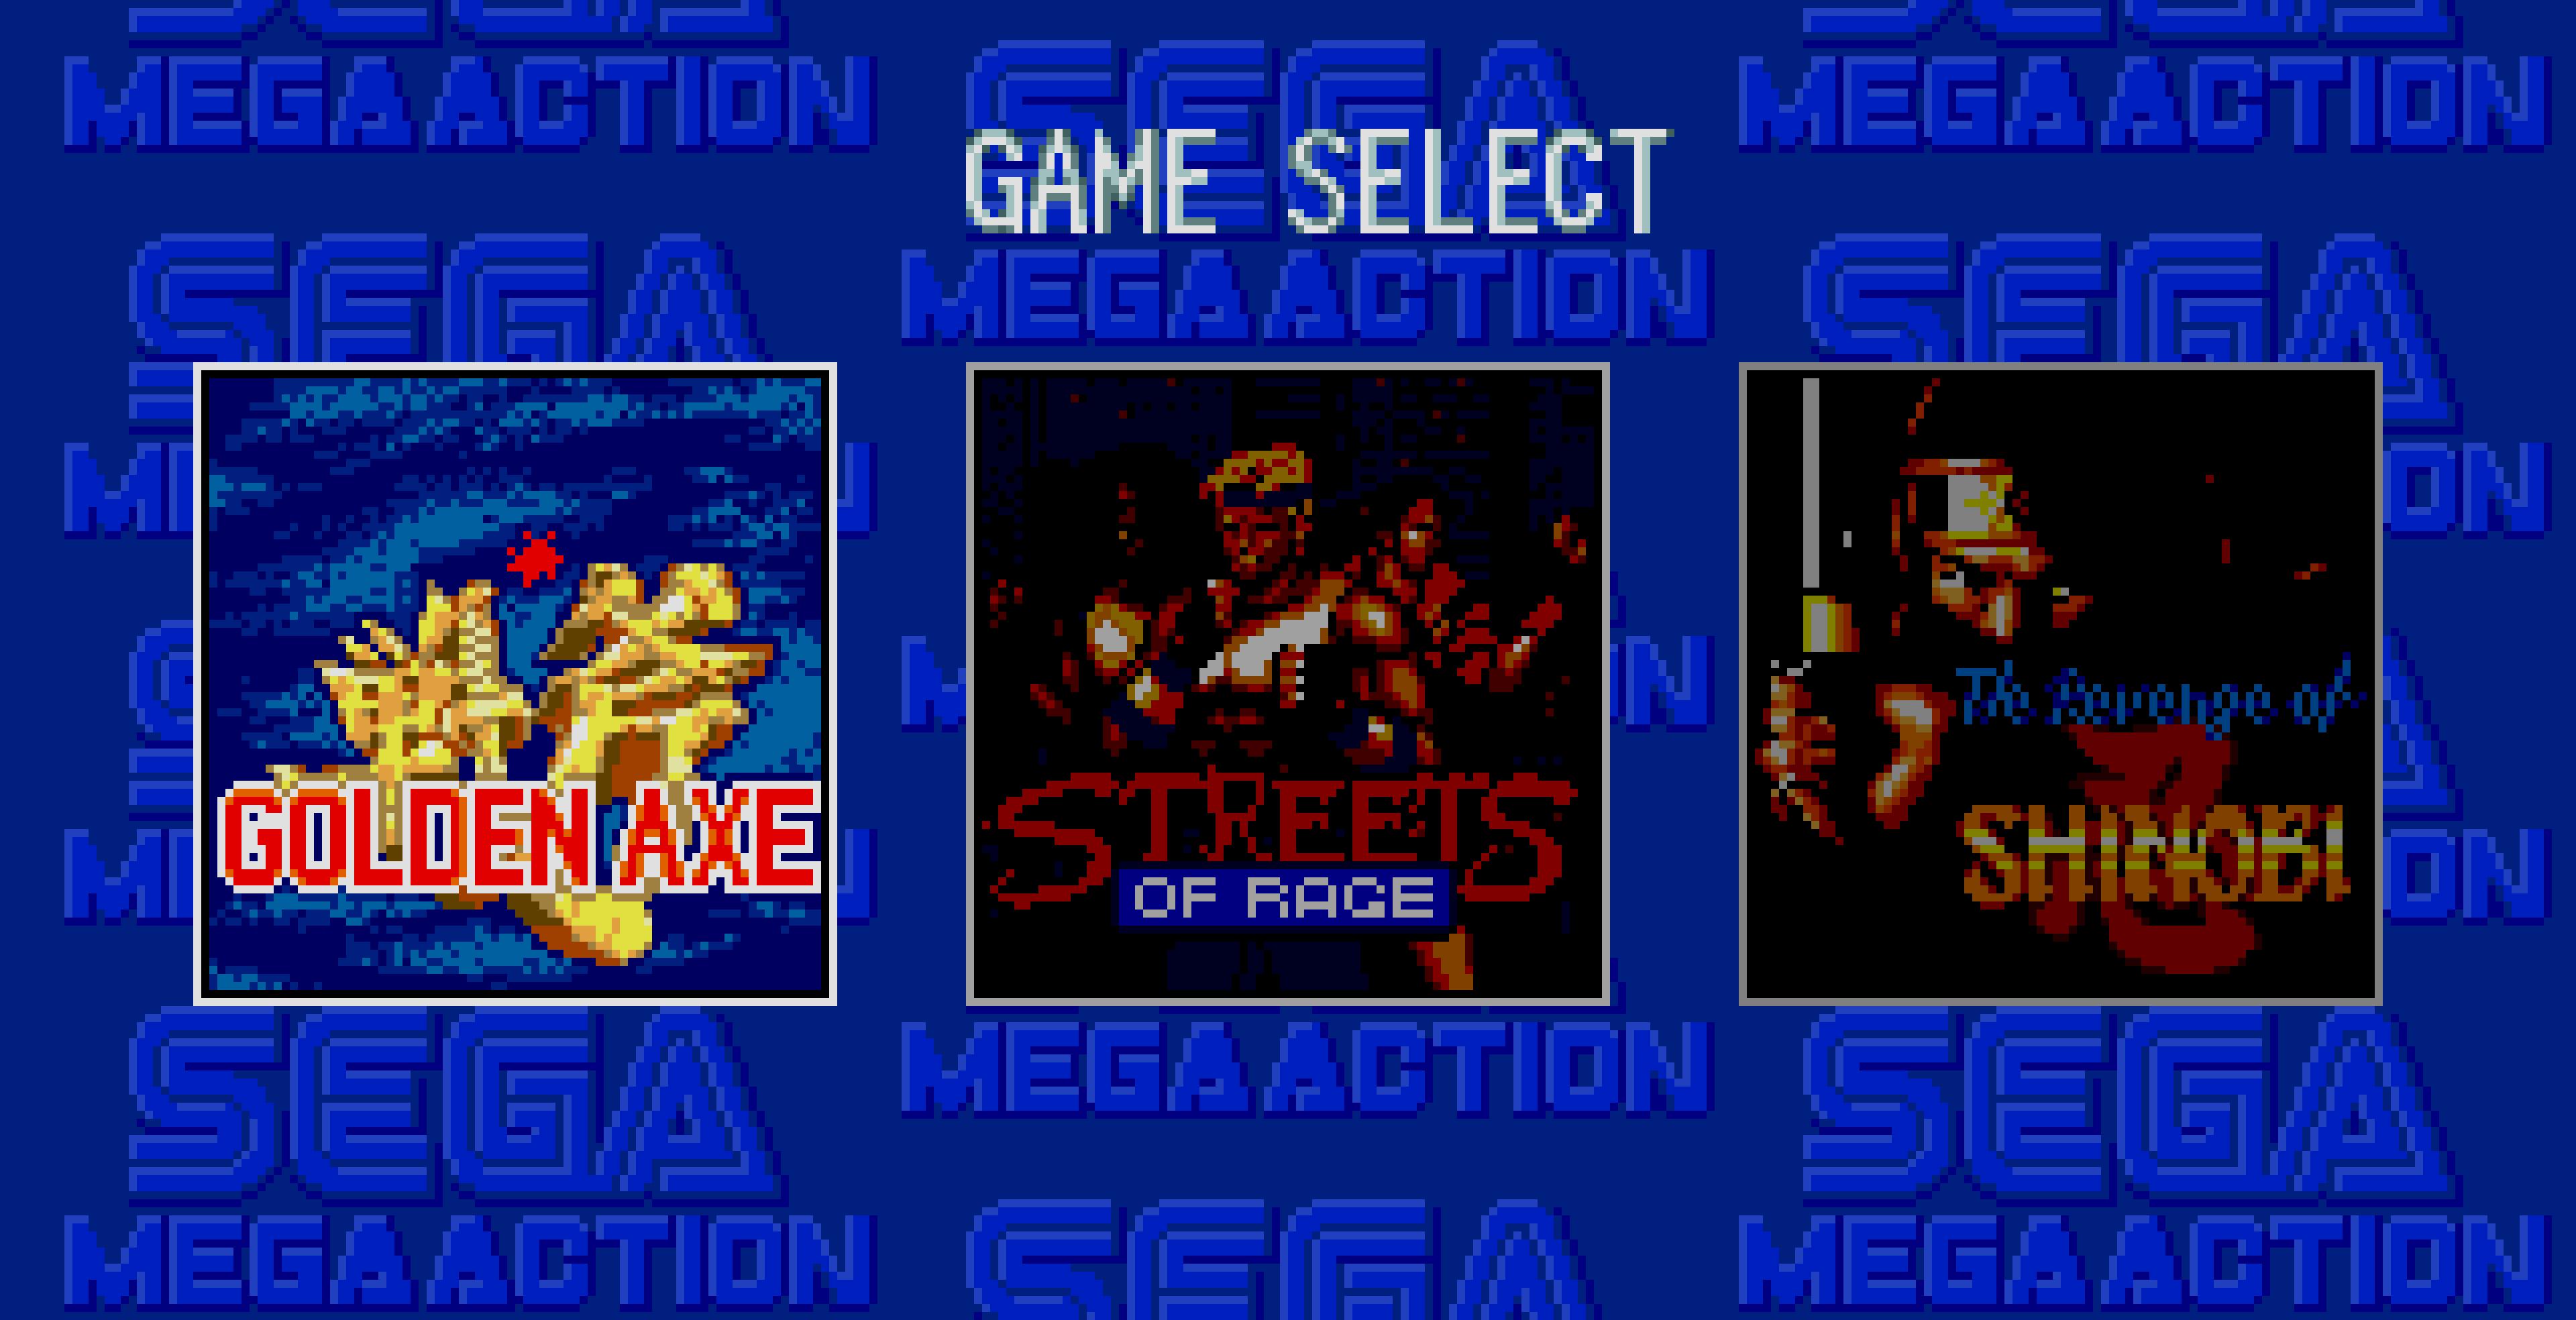 Golden Axe on the Mega Games 2 title screen.